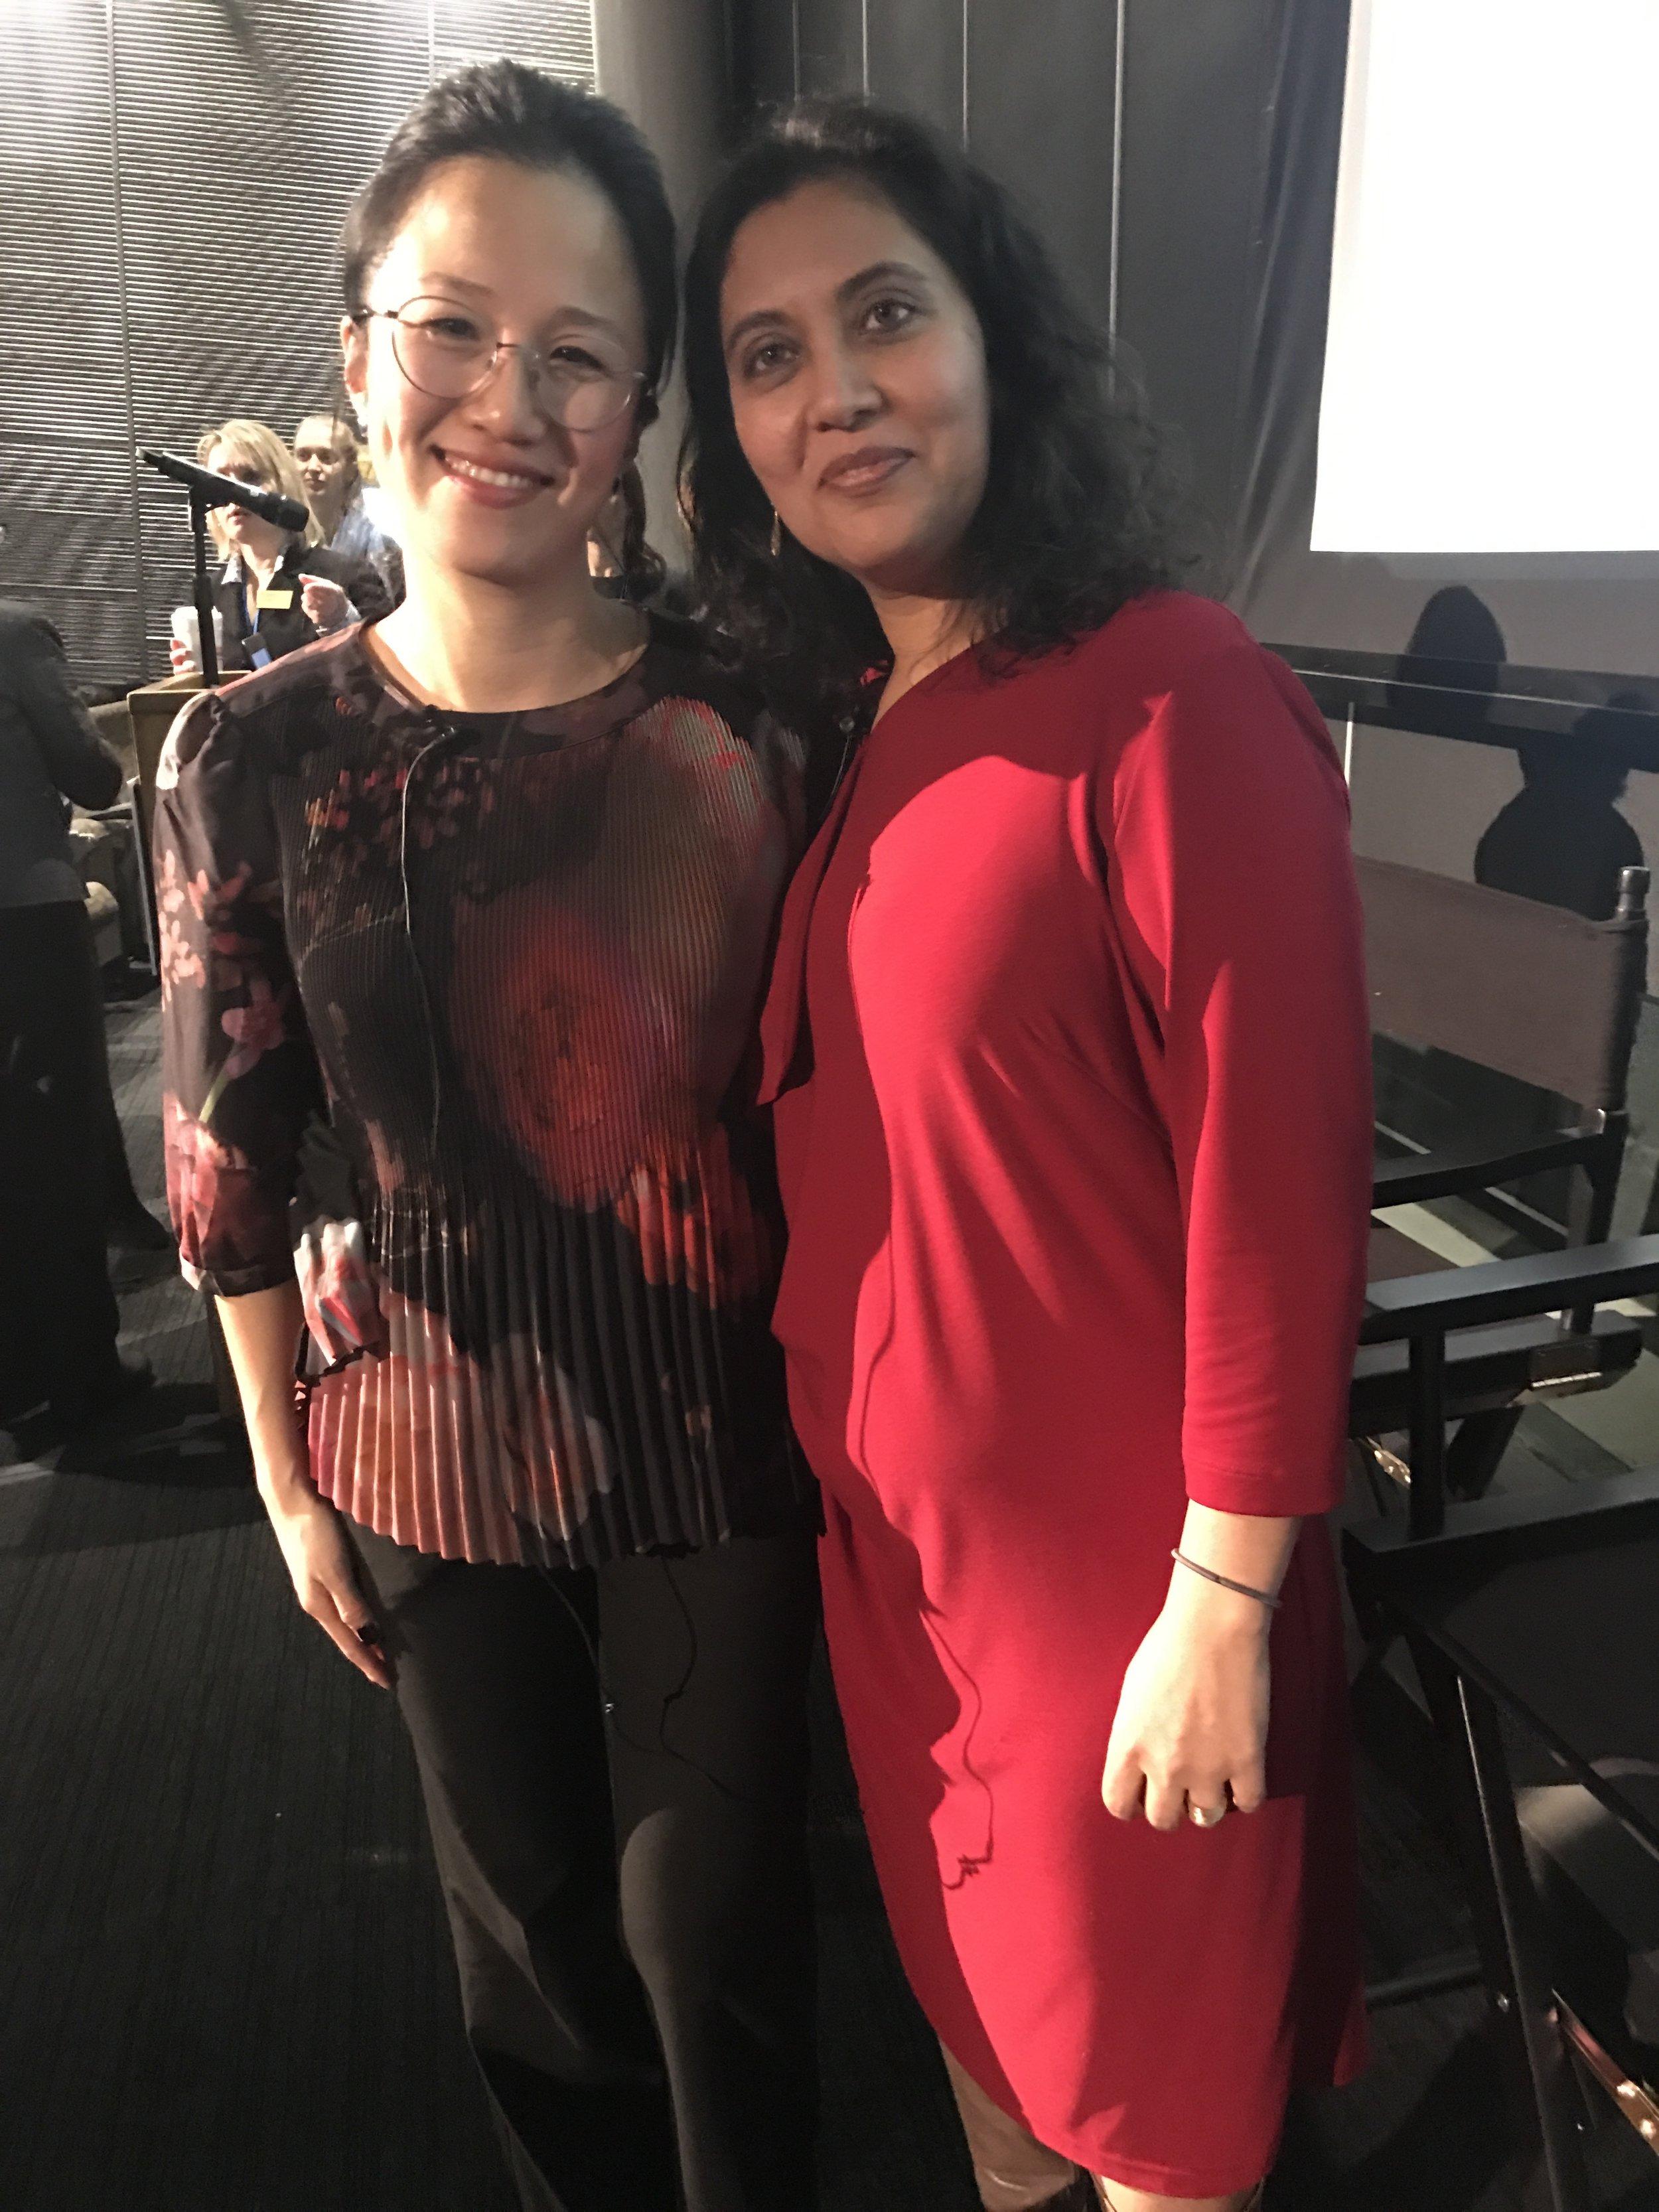 Anupama Rao and Ana Paulina Lee at the conference